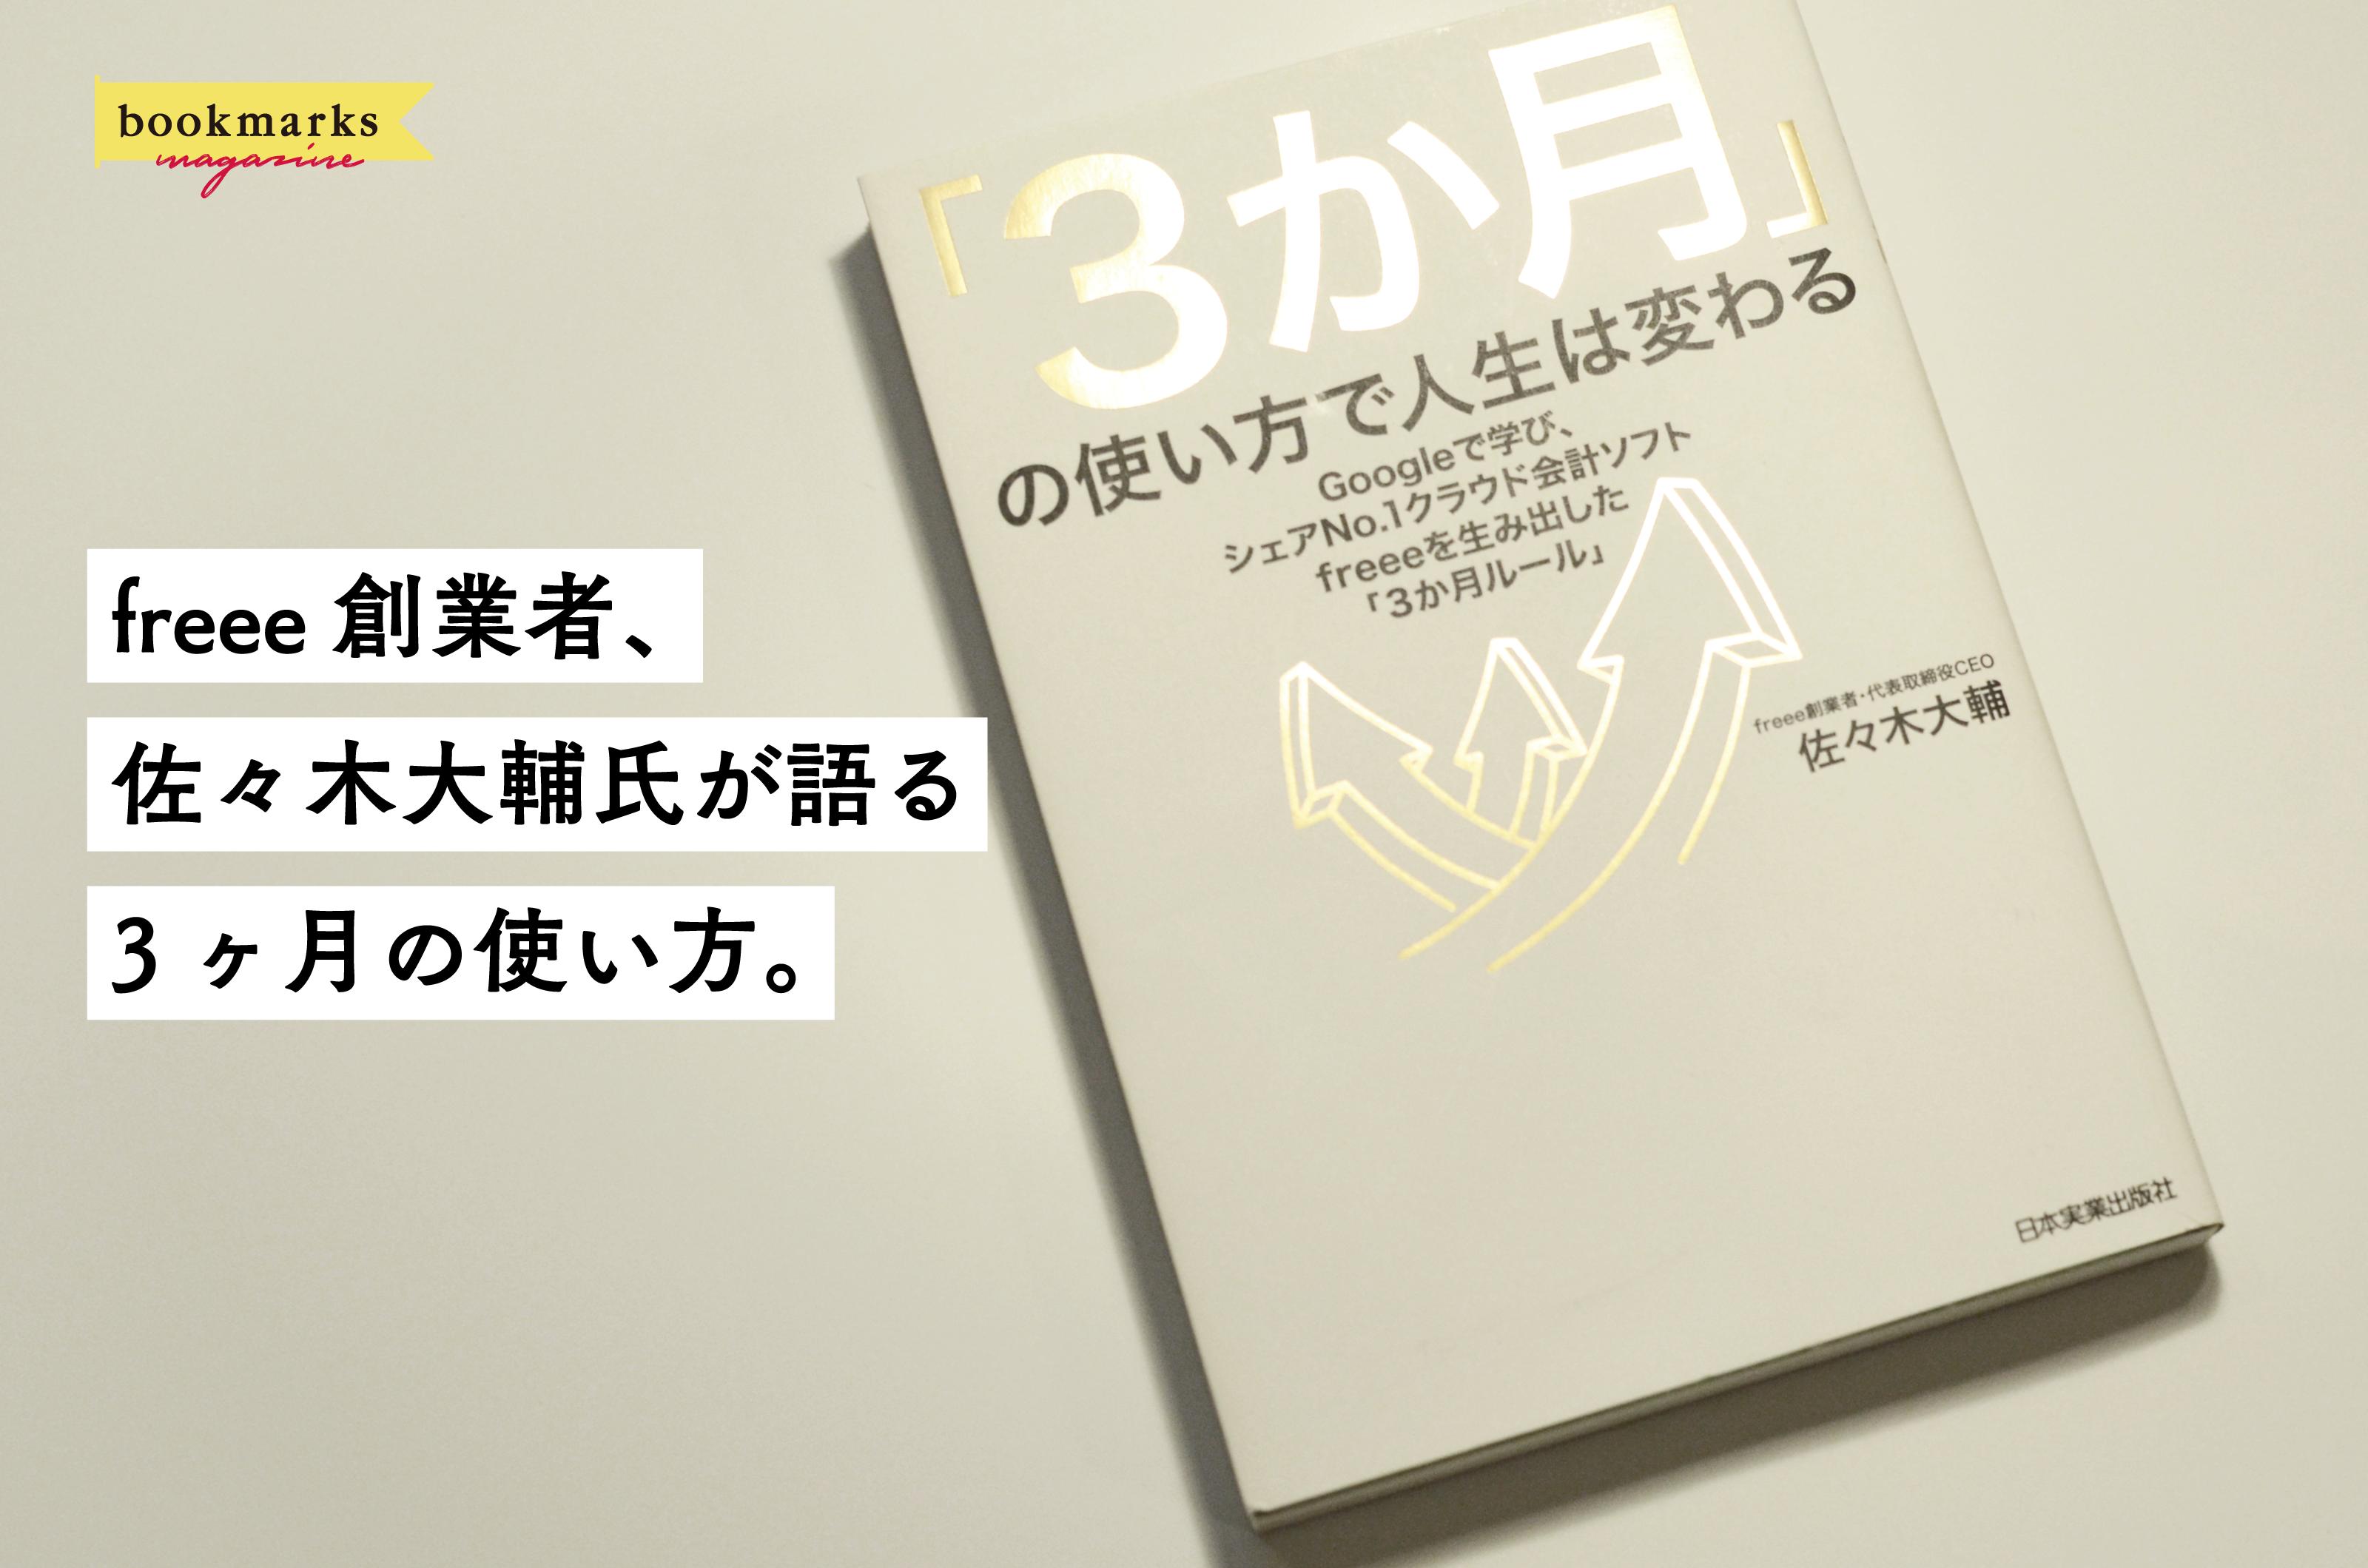 「freee創業者、佐々木大輔氏が語る3ヶ月の使い方。」のアイキャッチ画像